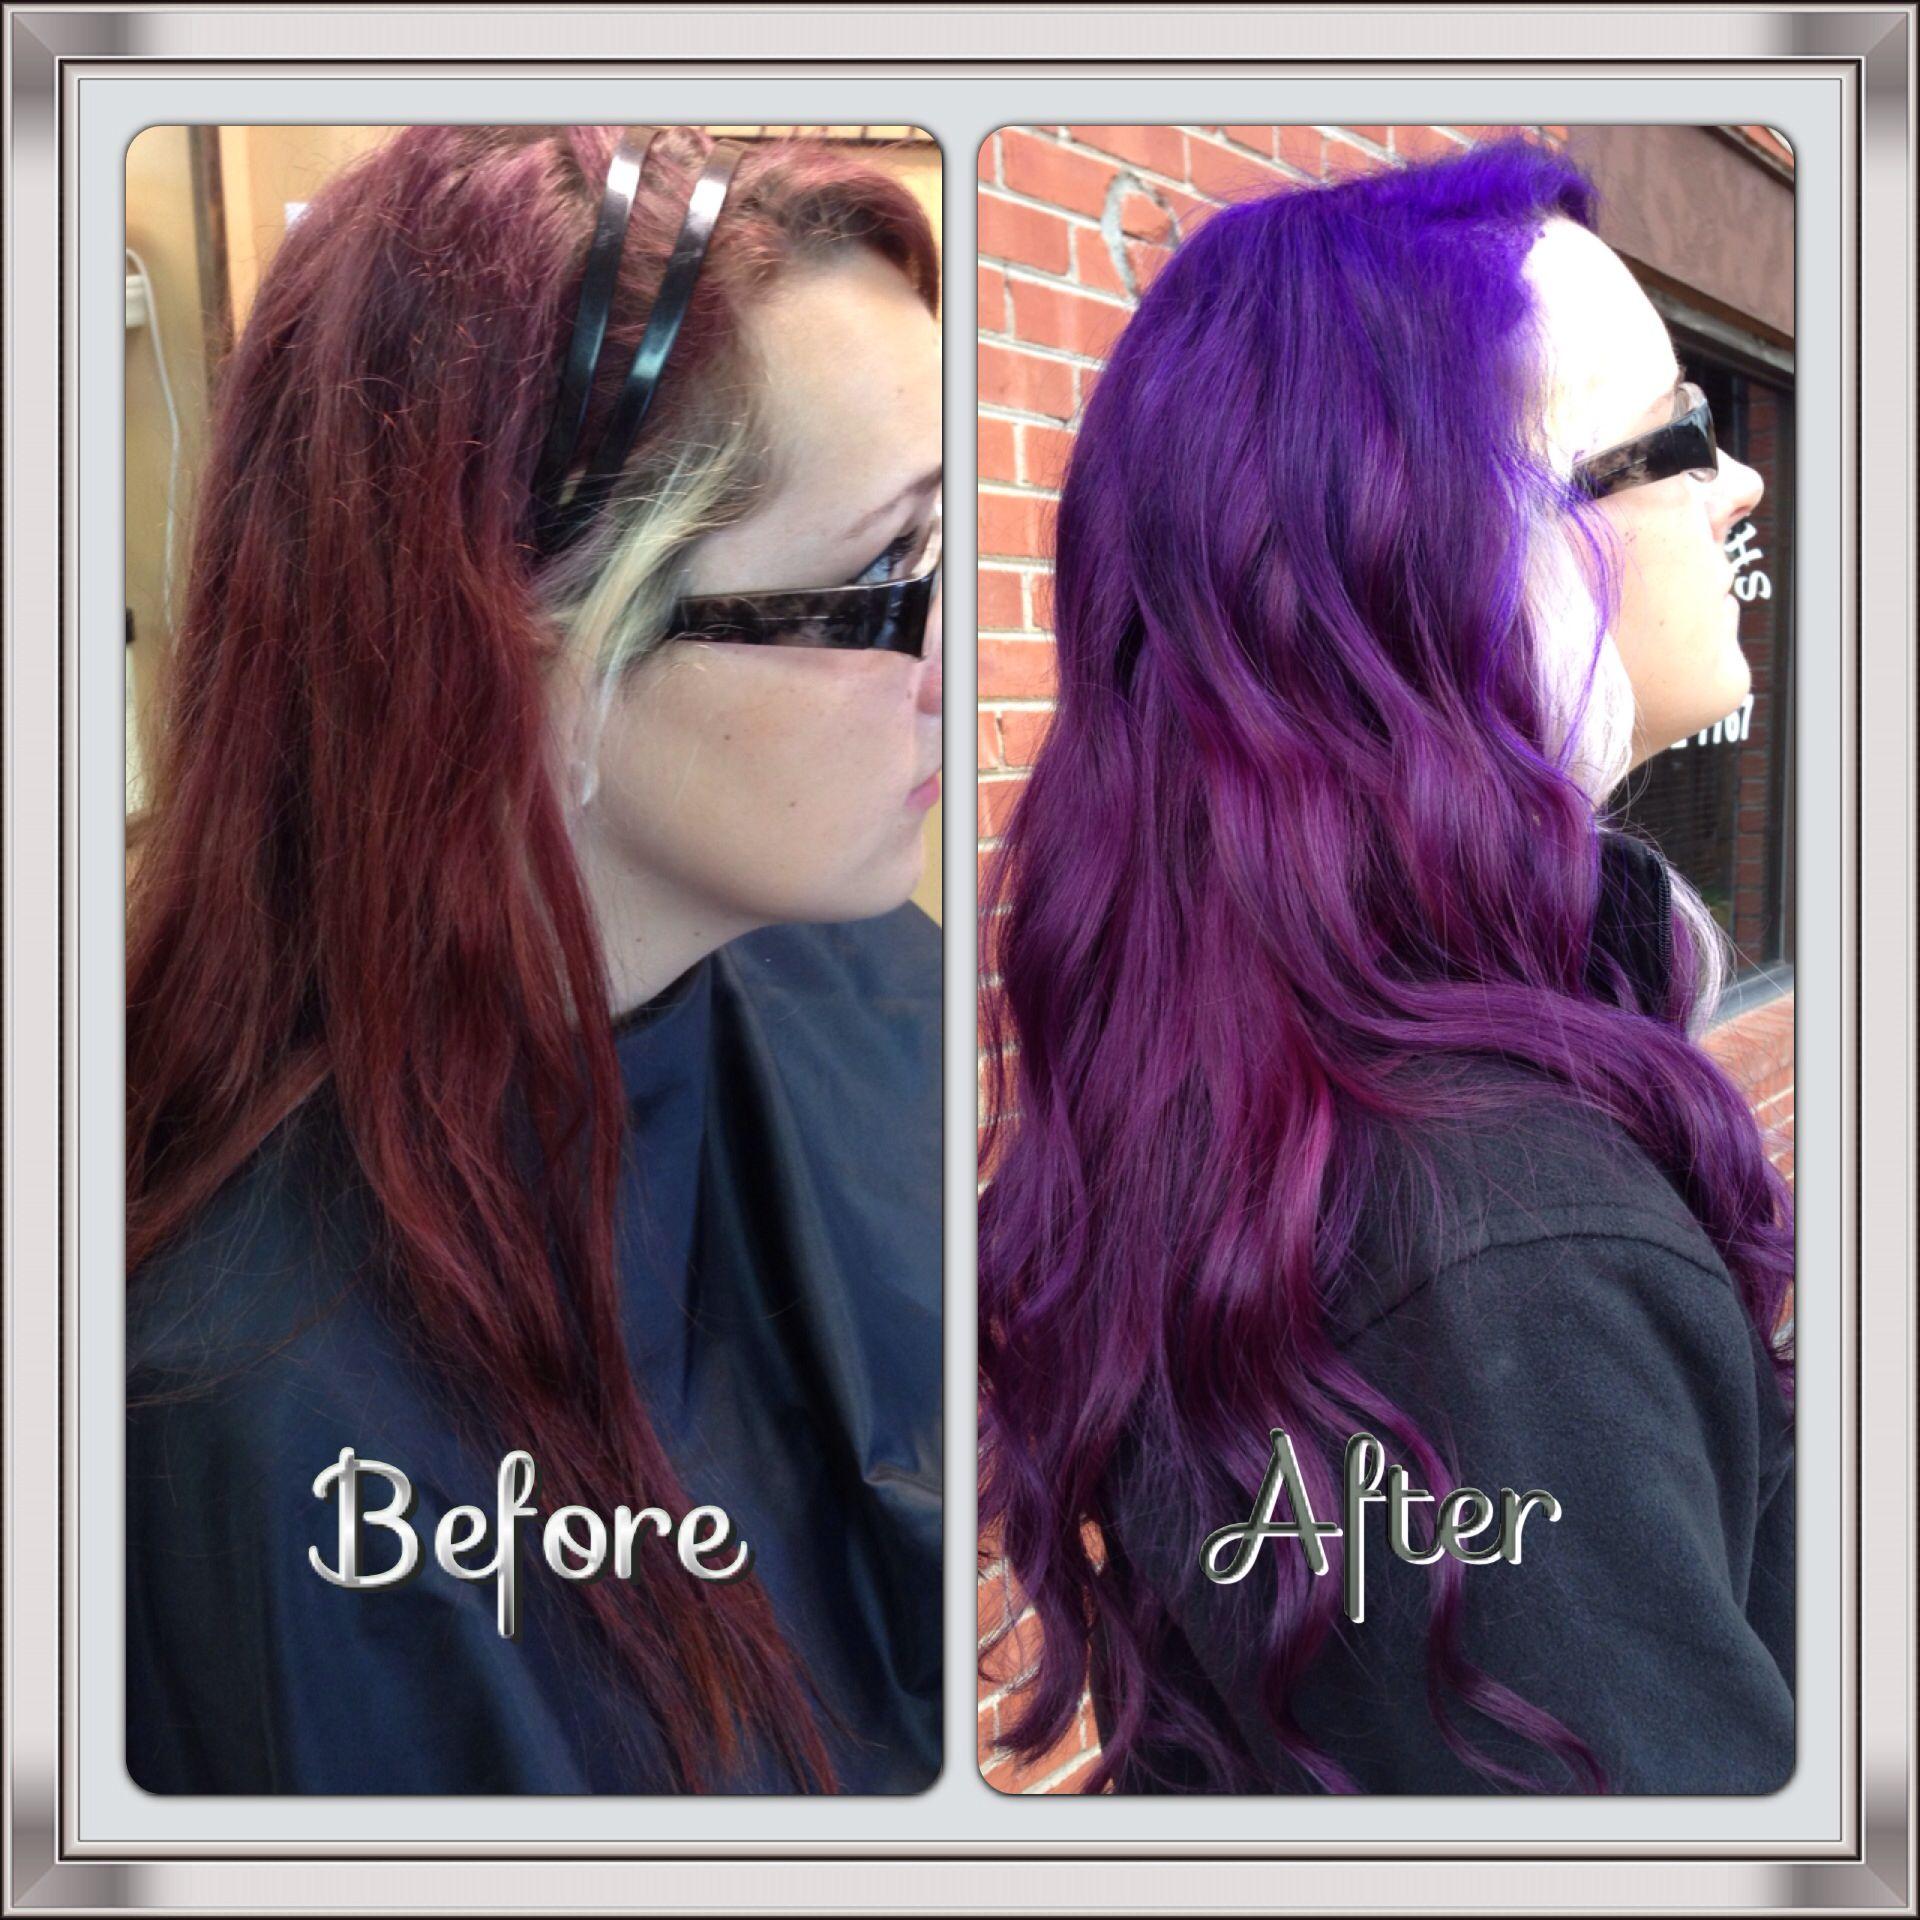 Pravana violet @ DYE' or LENGTHS Salon in Tahlequah, OK